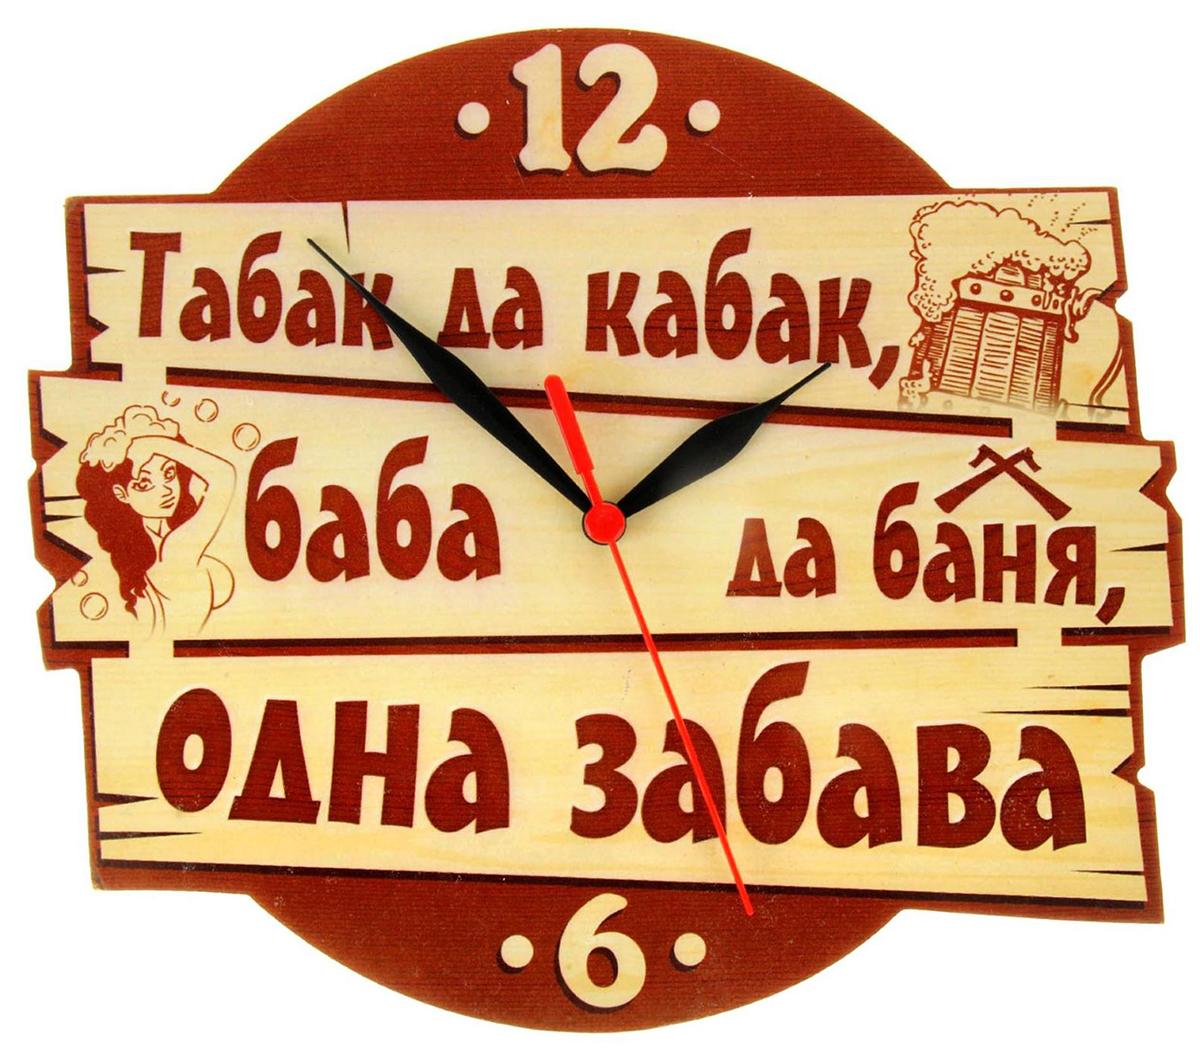 Часы настенные банные Табак да кабак, 27 х 28 см